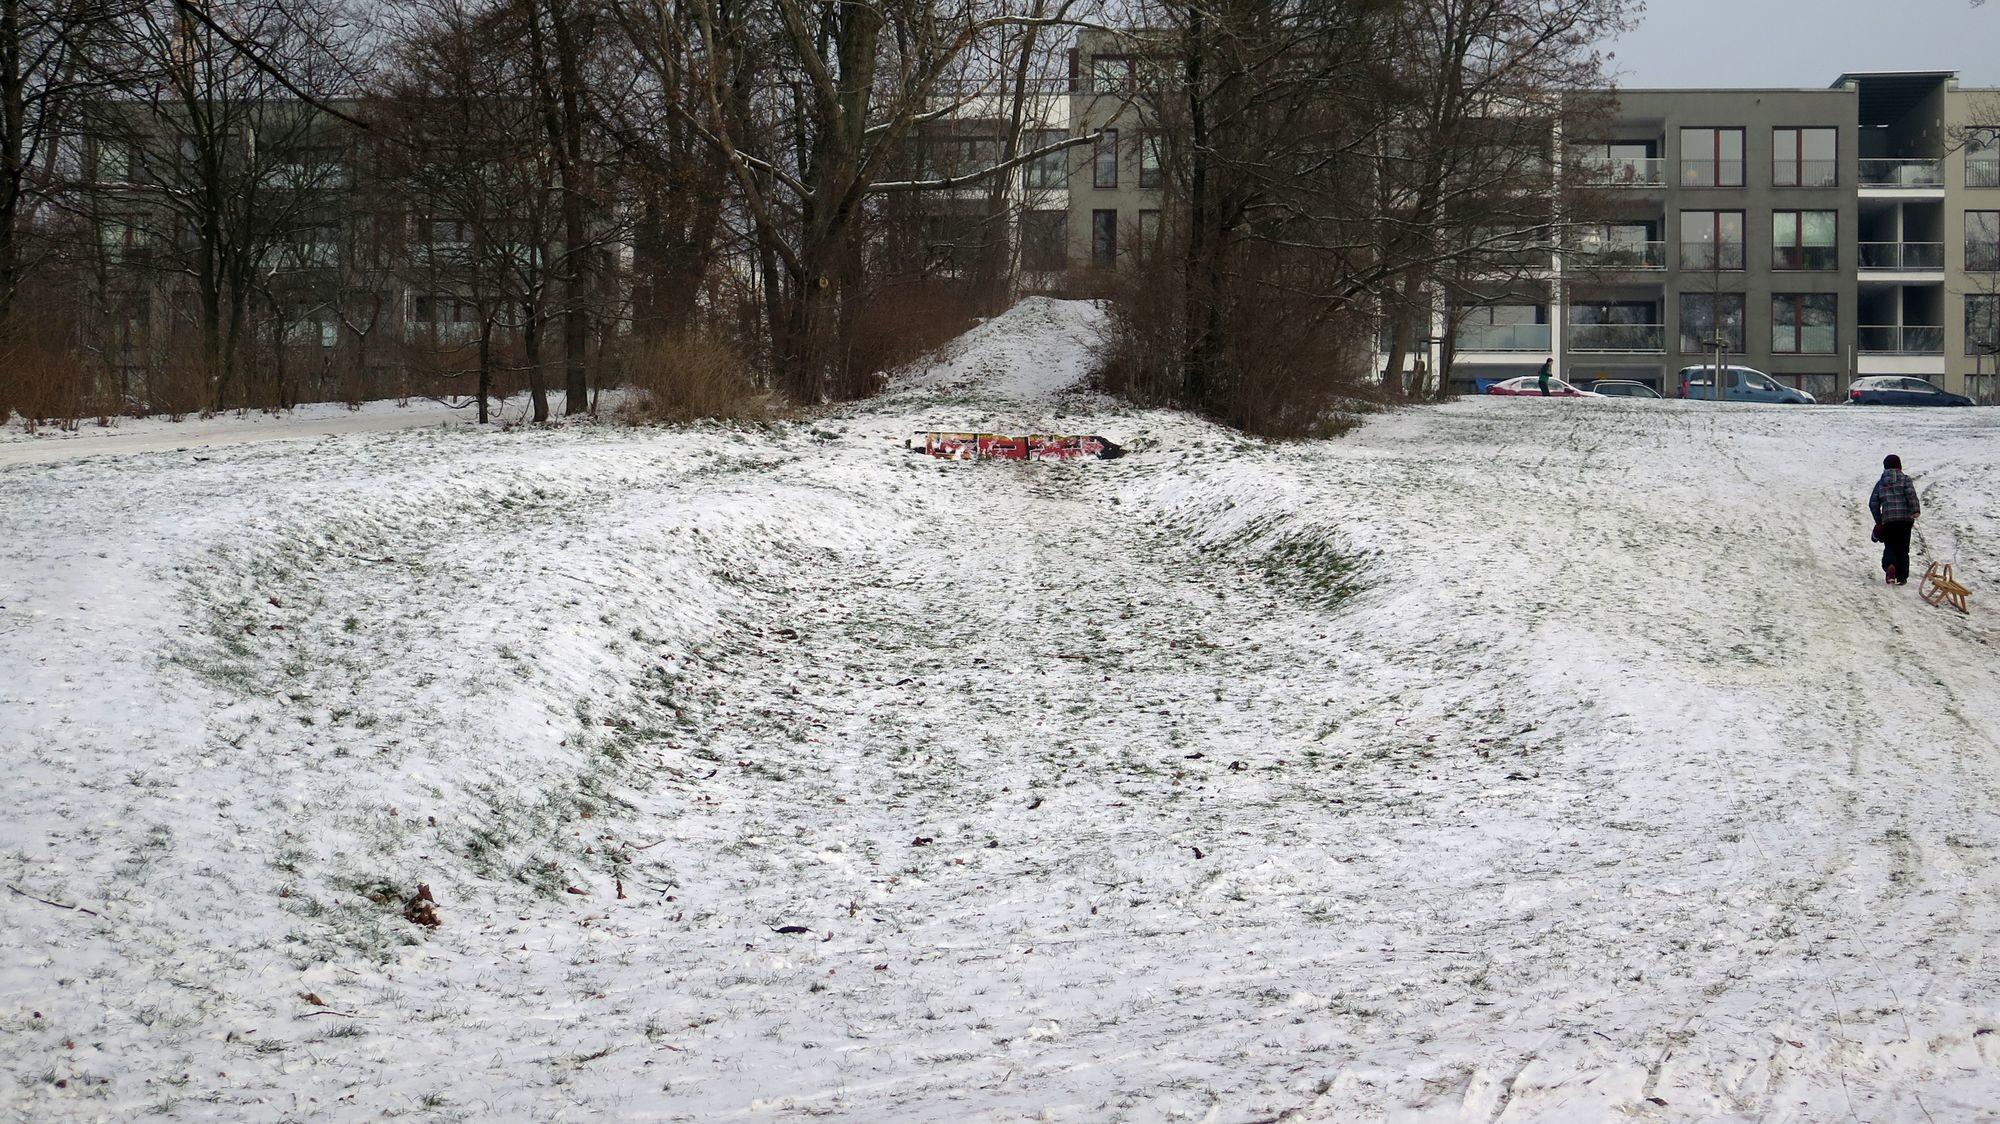 Die Pionier-Ski-Schanze liegt verlassen da.